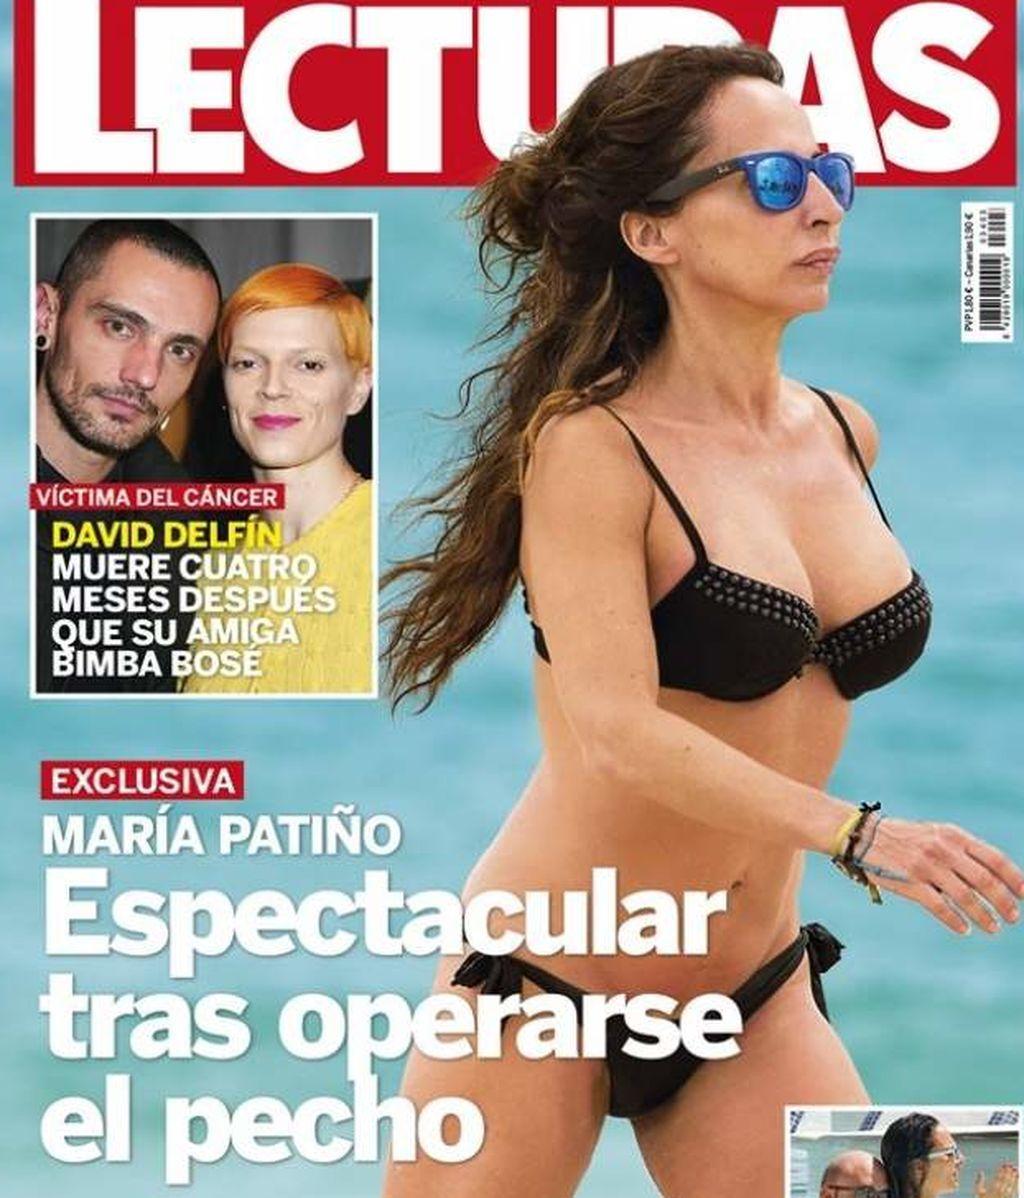 Espejito, espejito… ¿Quién es la más bella del cortijo? María Patiño ya tiene su cuerpo 10